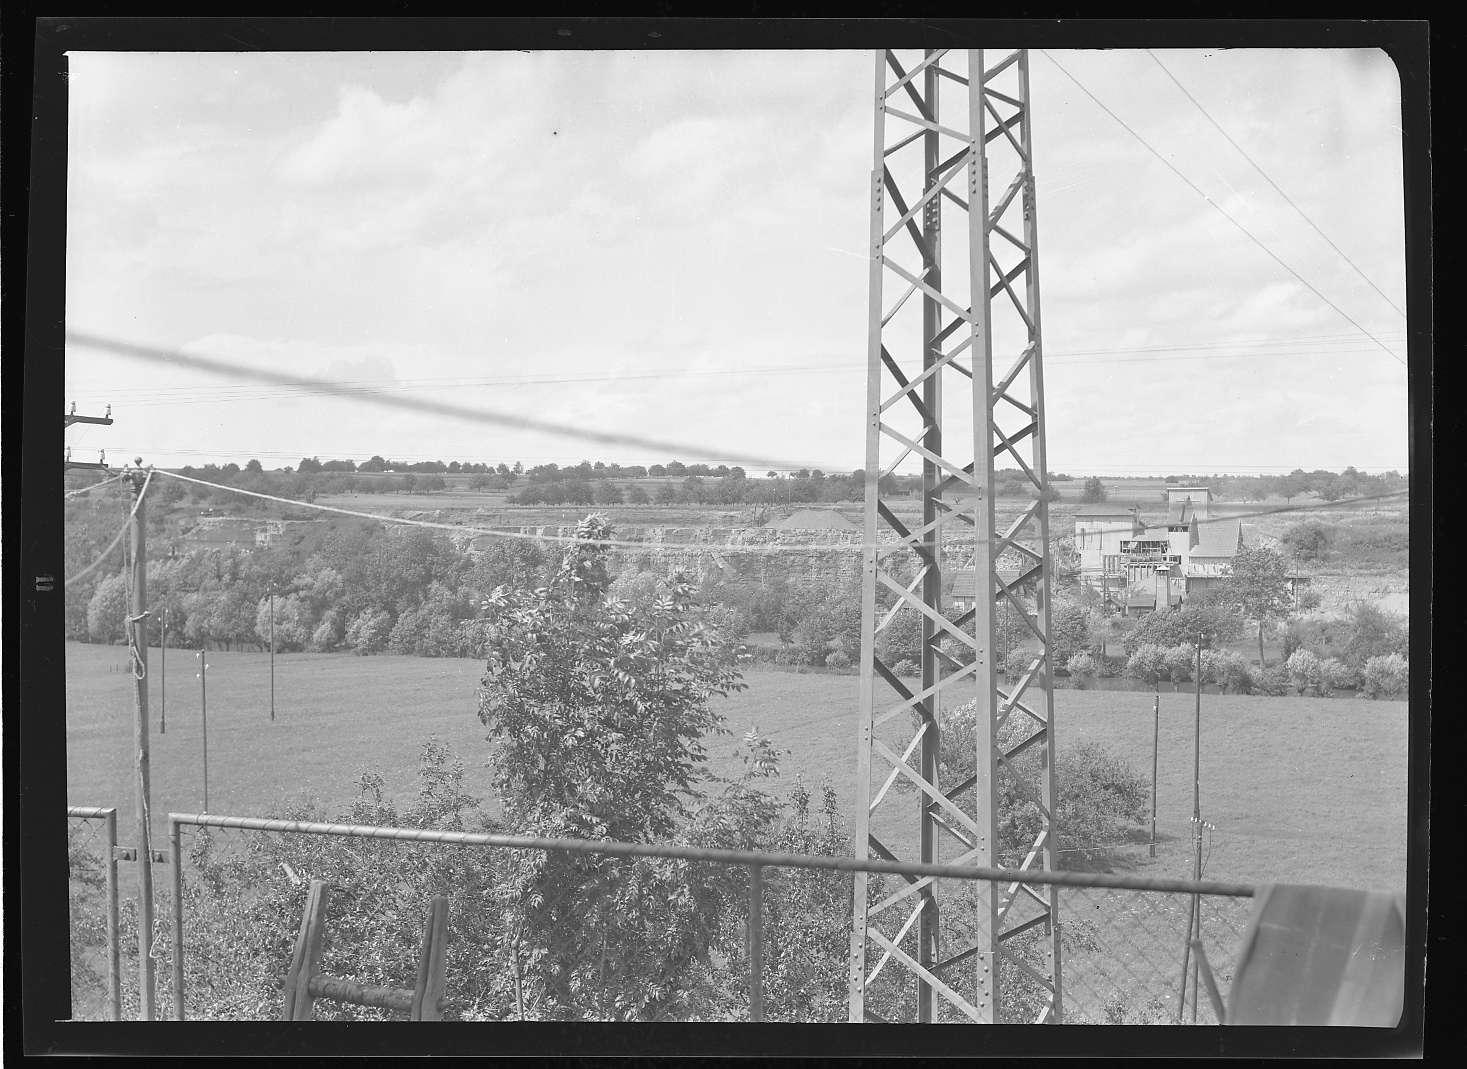 Bietigheim-Bissingen (Württ.), Bissingen, Bf, Ansichten bei der Rommel- Mühle (?), Abb. c